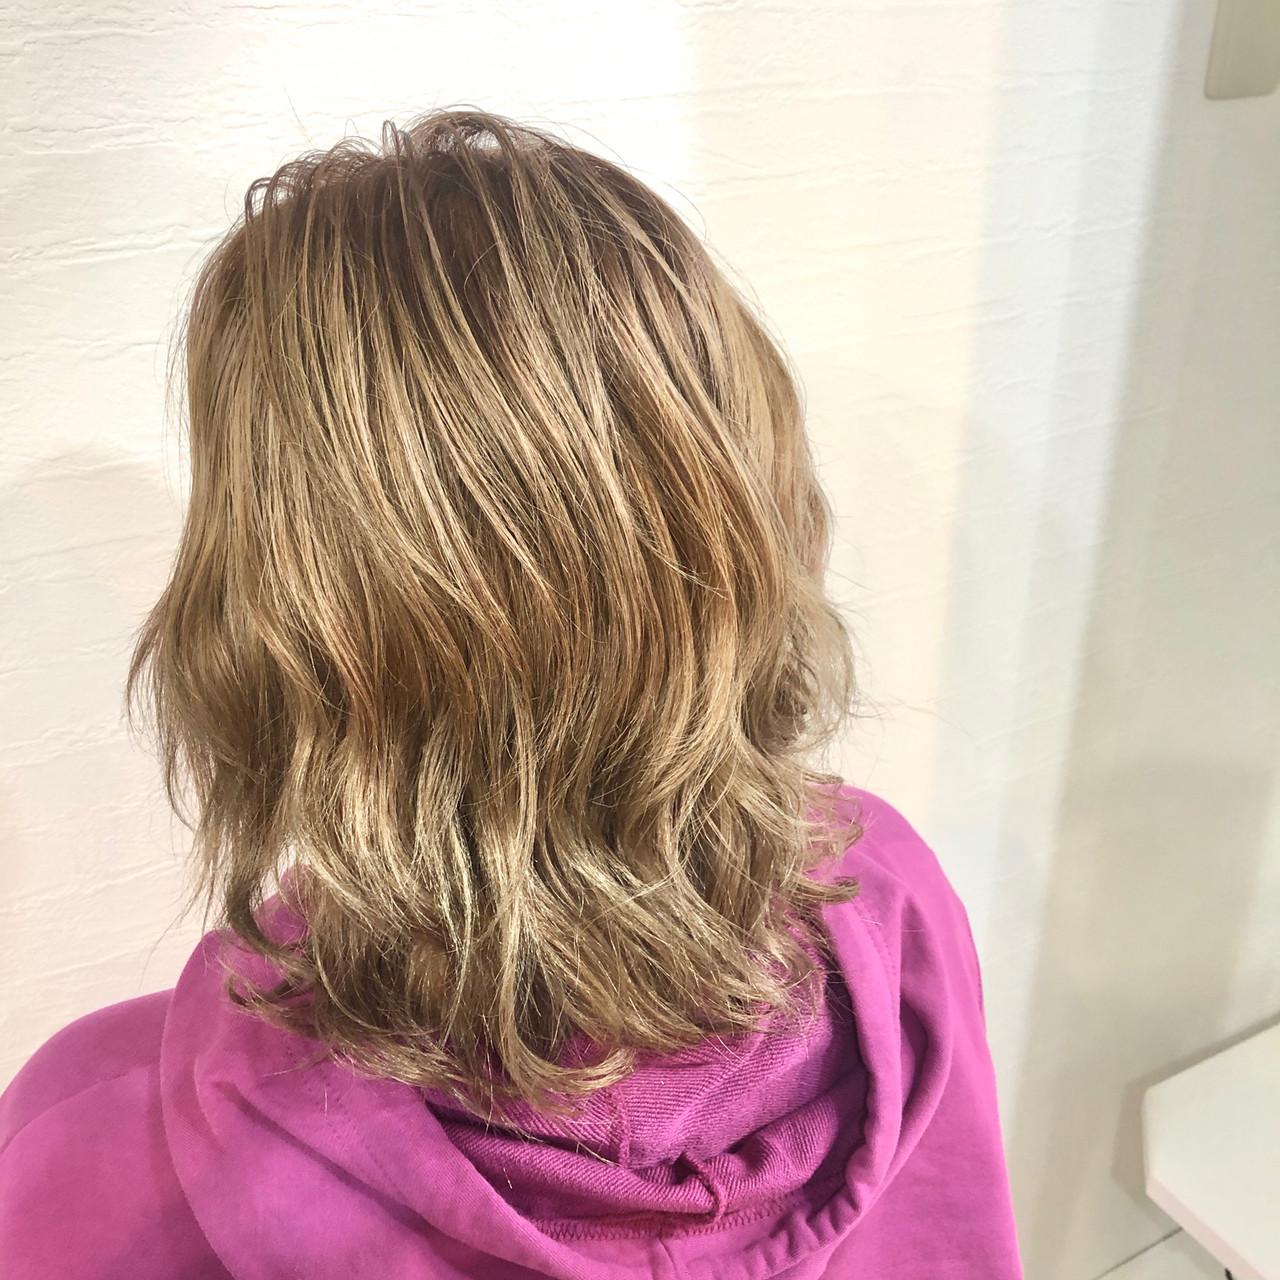 ミディアム ハイトーン ミルクティーベージュ ブリーチ ヘアスタイルや髪型の写真・画像